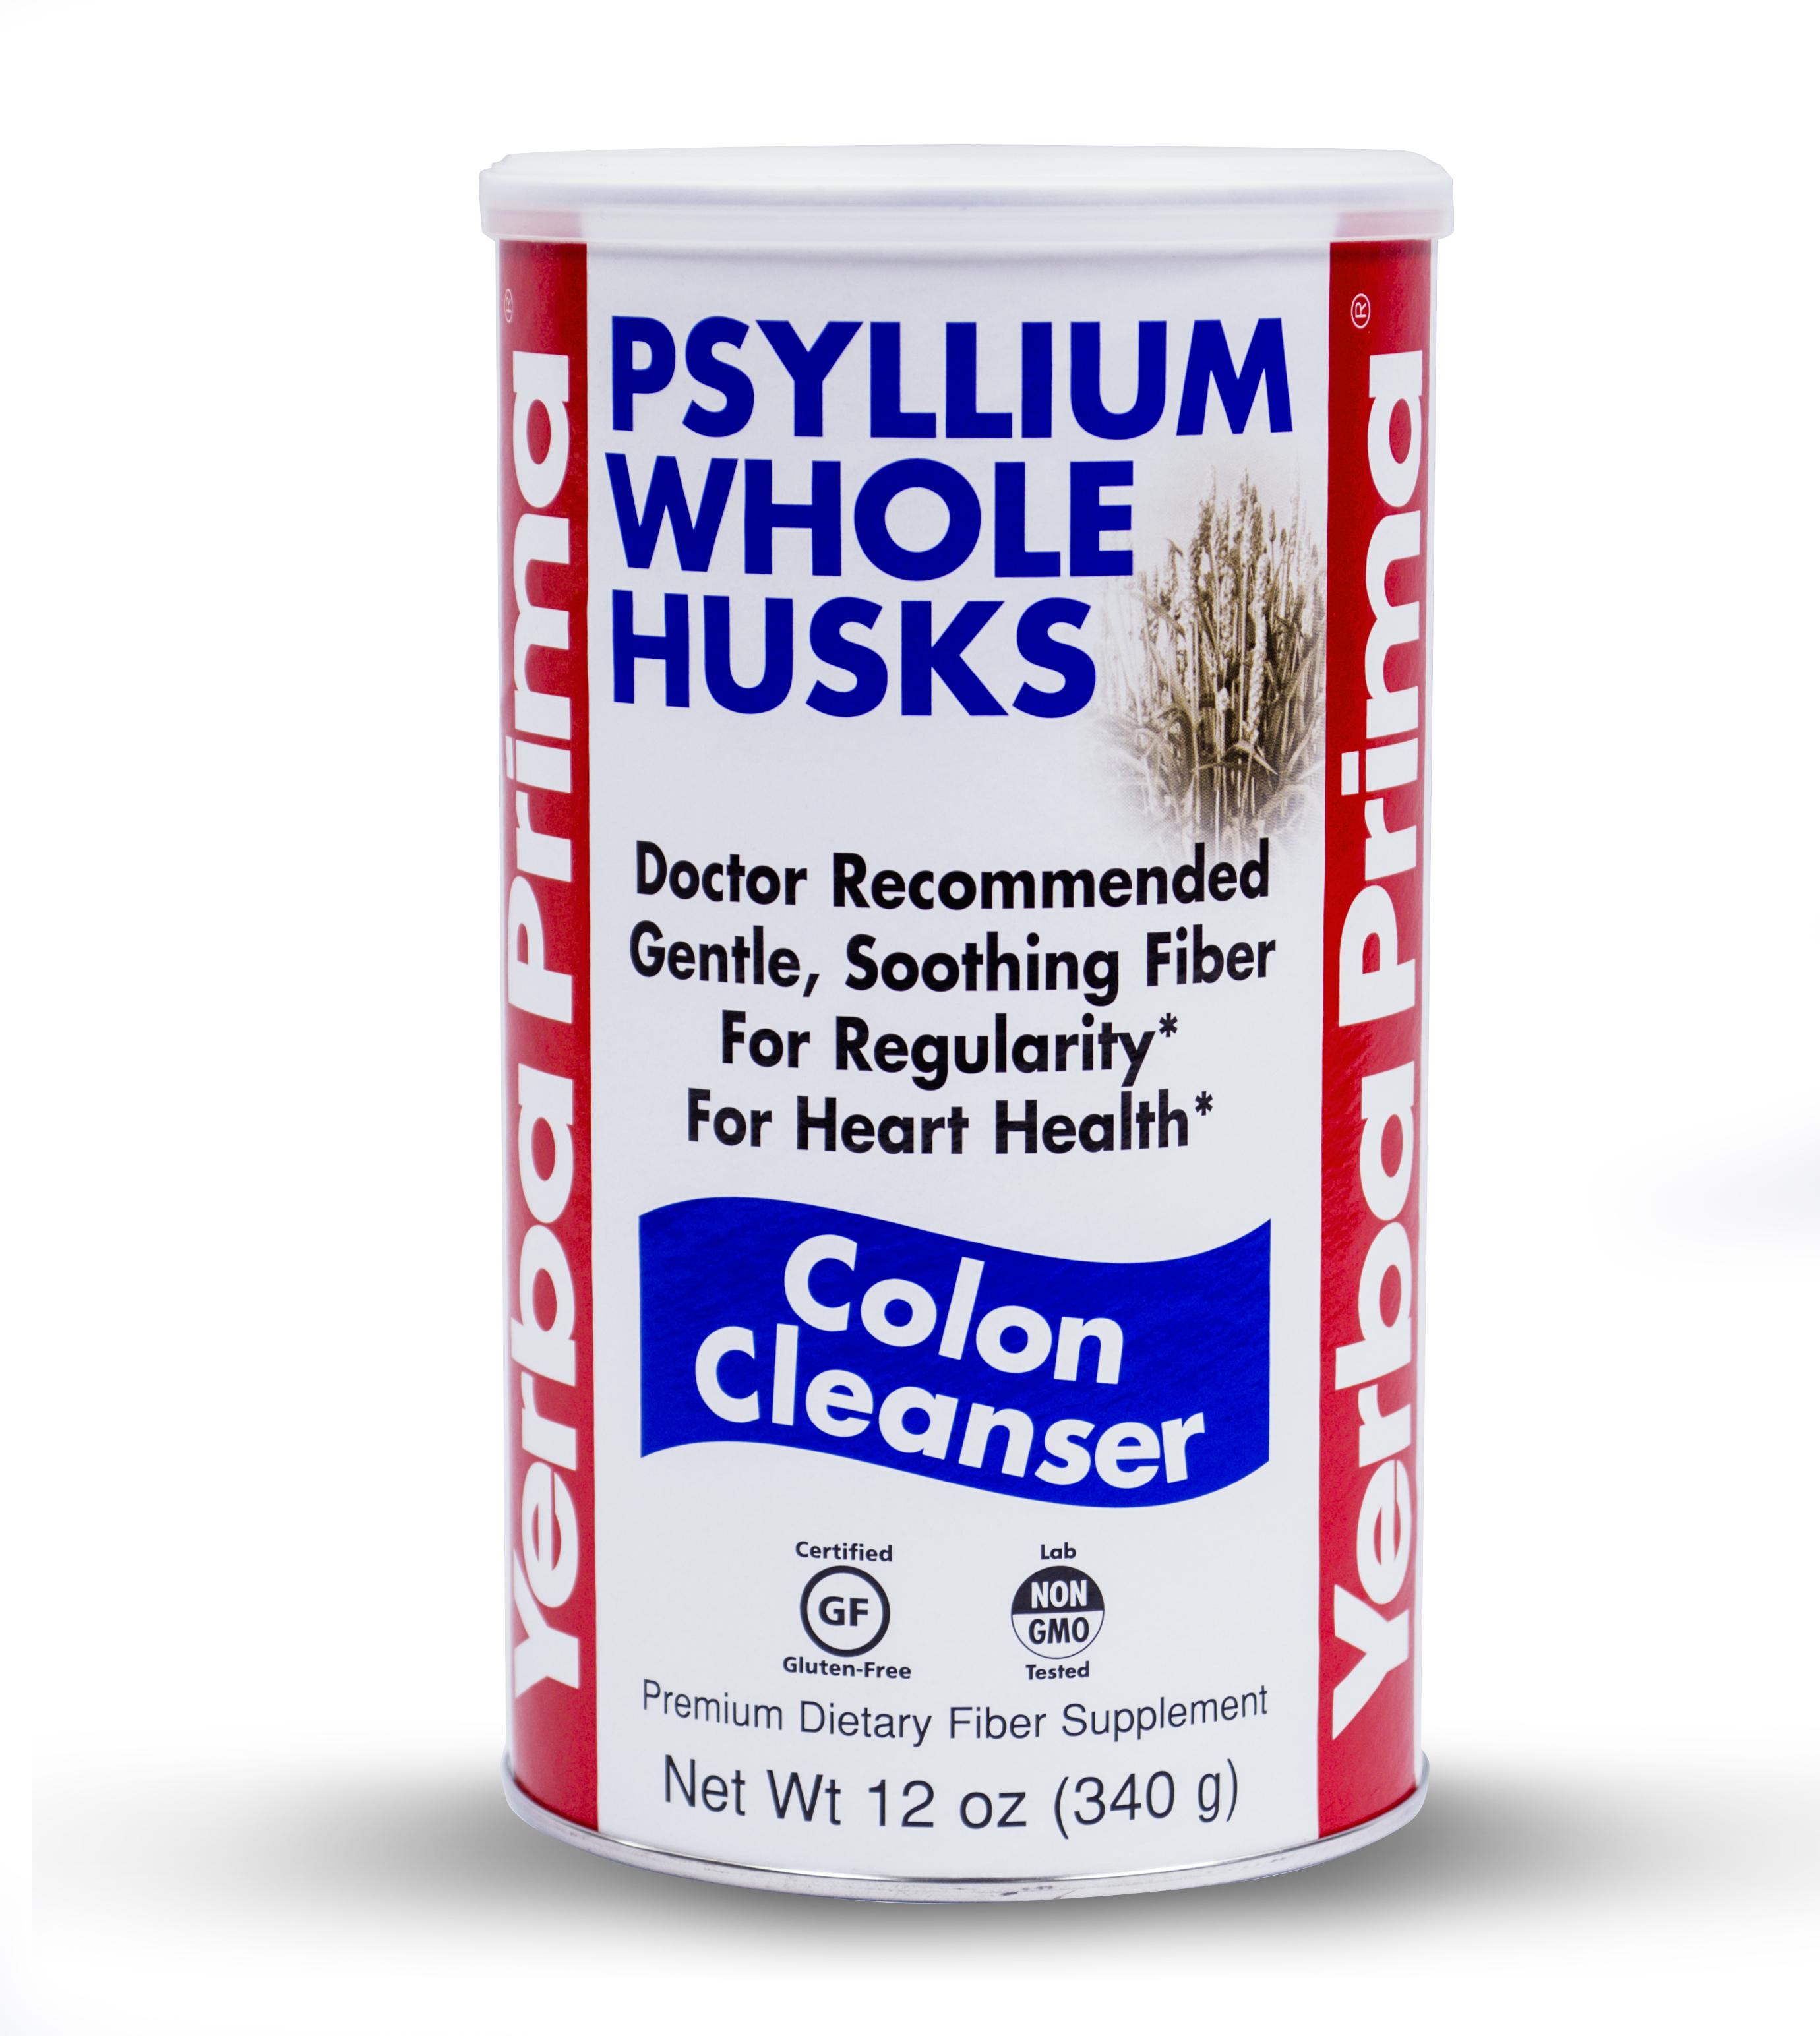 Psyllium Whole Husks